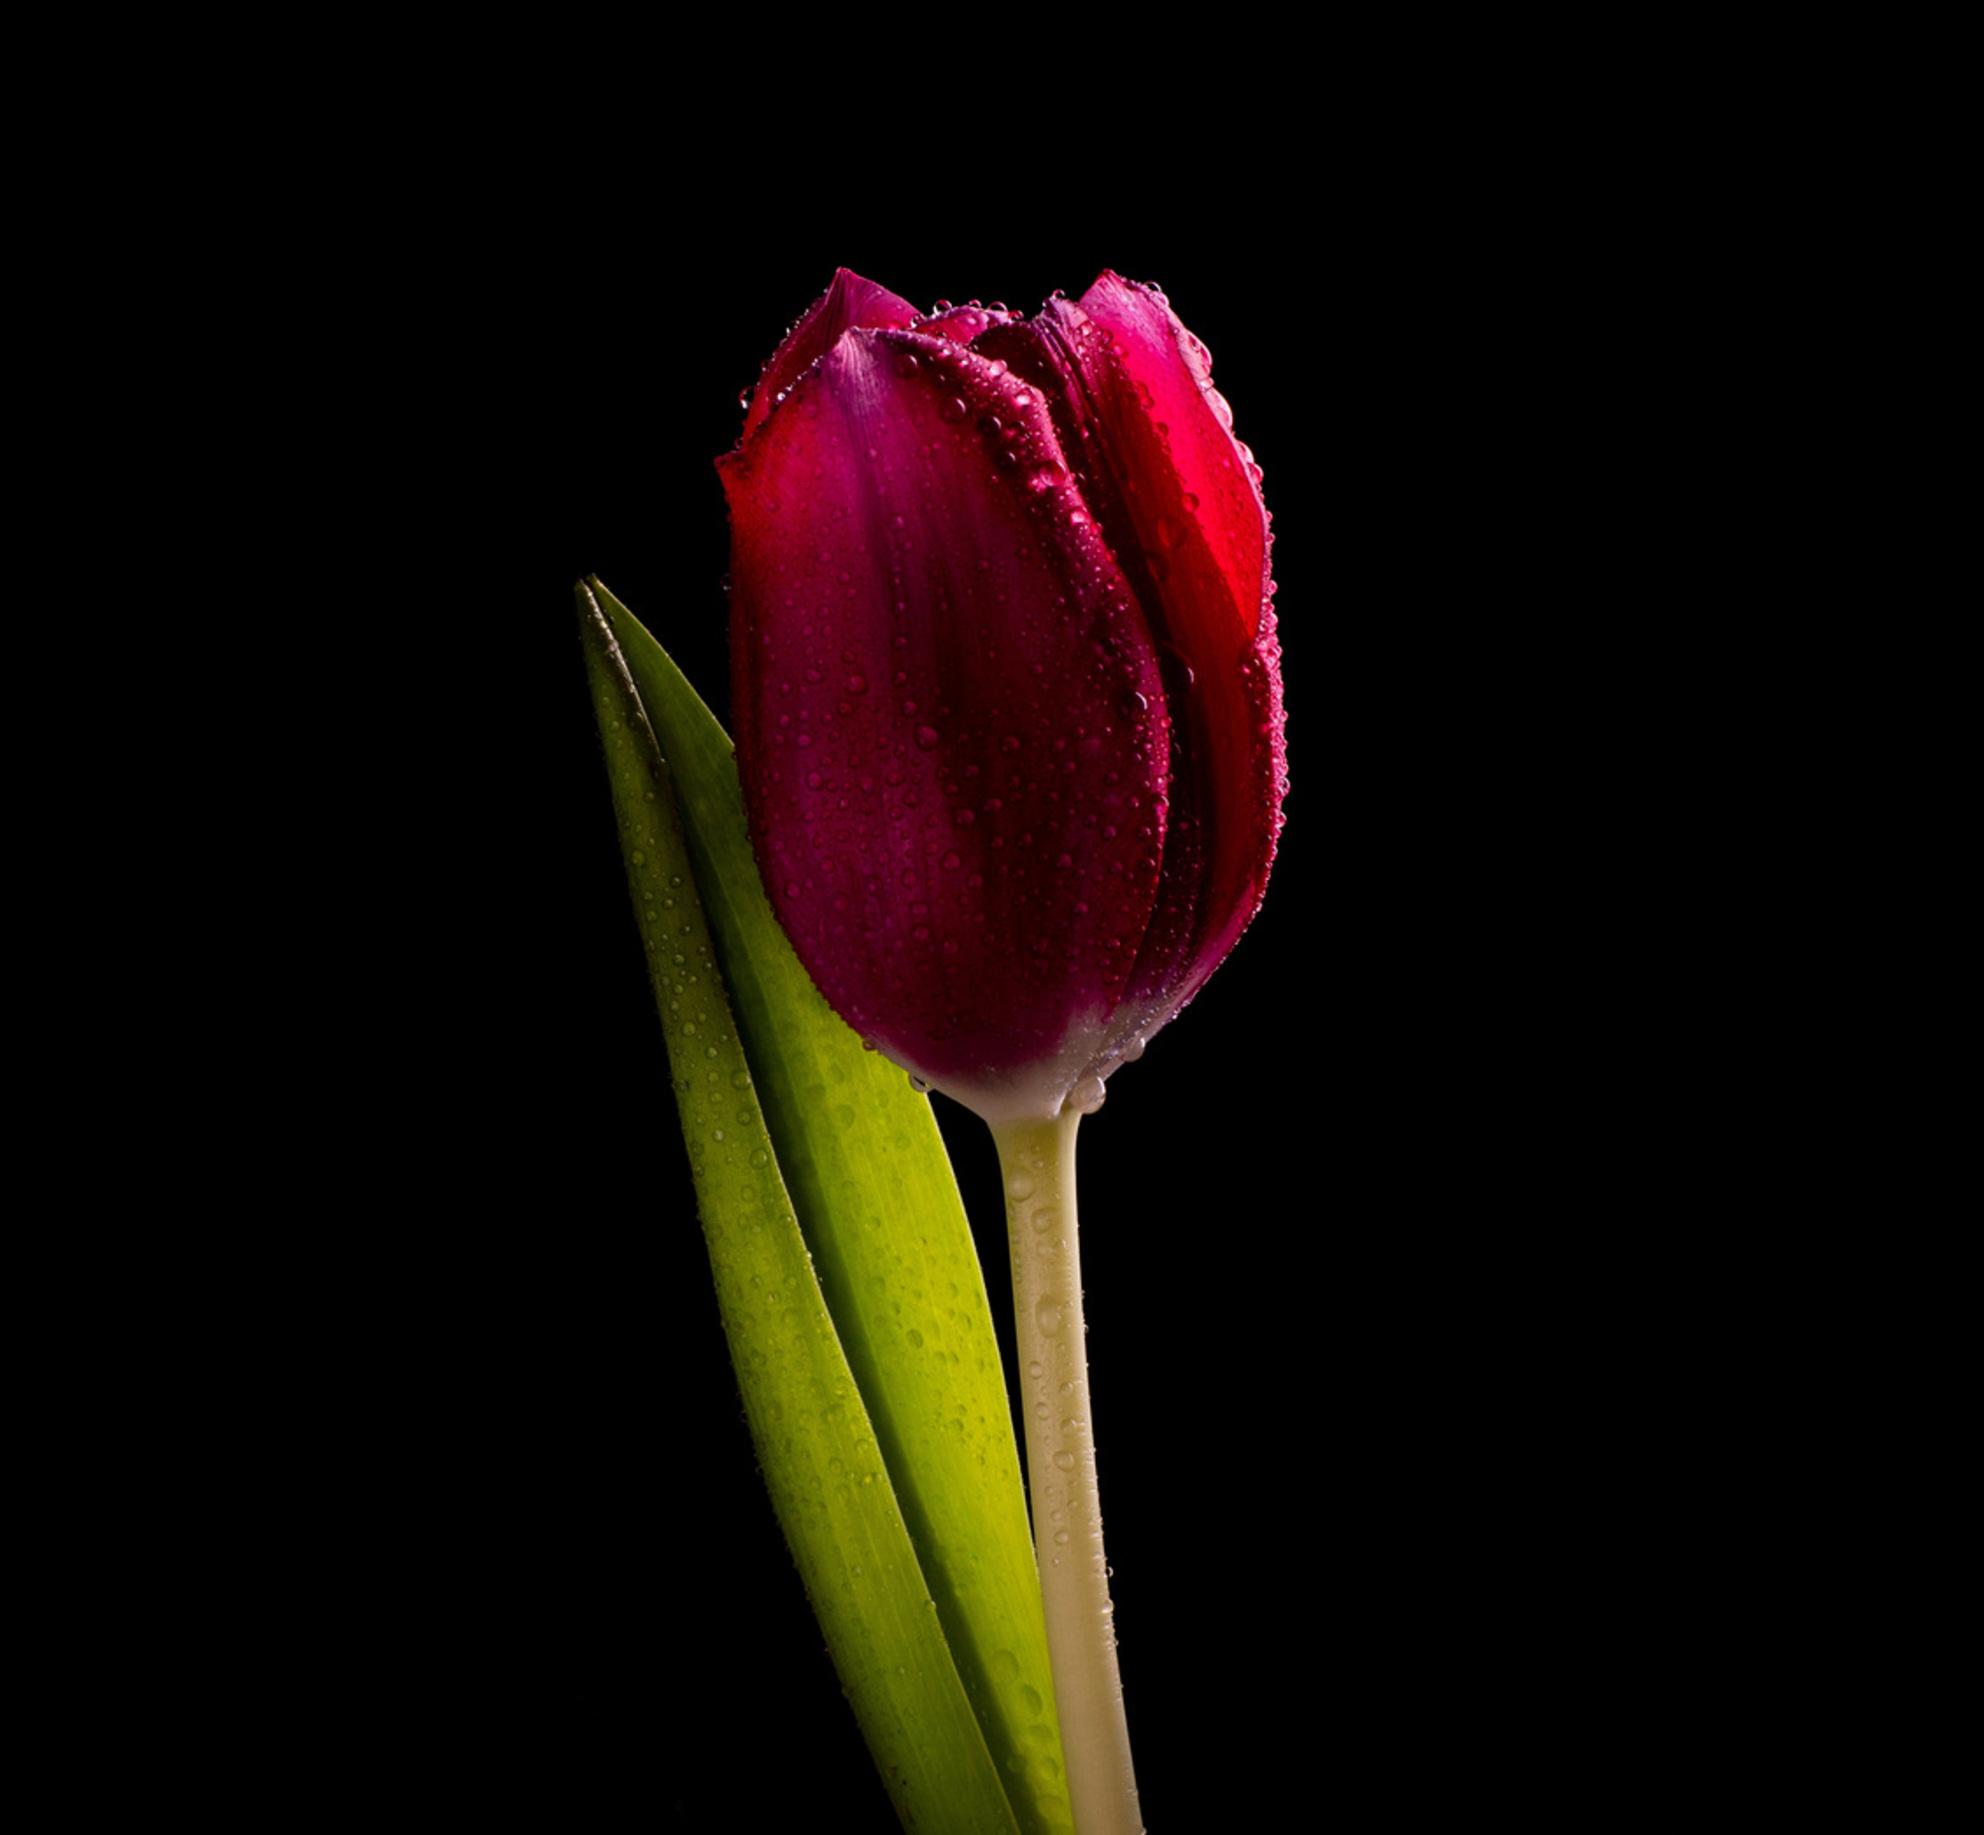 Hollands Glory - Voor onze Hollands trots is in mijn ogen niet veel nodig. Ik wil haar schoonheid zo eenvoudig mogelijk laten. - foto door Coramija-Fotografie op 08-03-2021 - deze foto bevat: groen, macro, bloem, water, lente, natuur, druppel, licht, herfst, tulp, blad, voorjaar, nederland - Deze foto mag gebruikt worden in een Zoom.nl publicatie